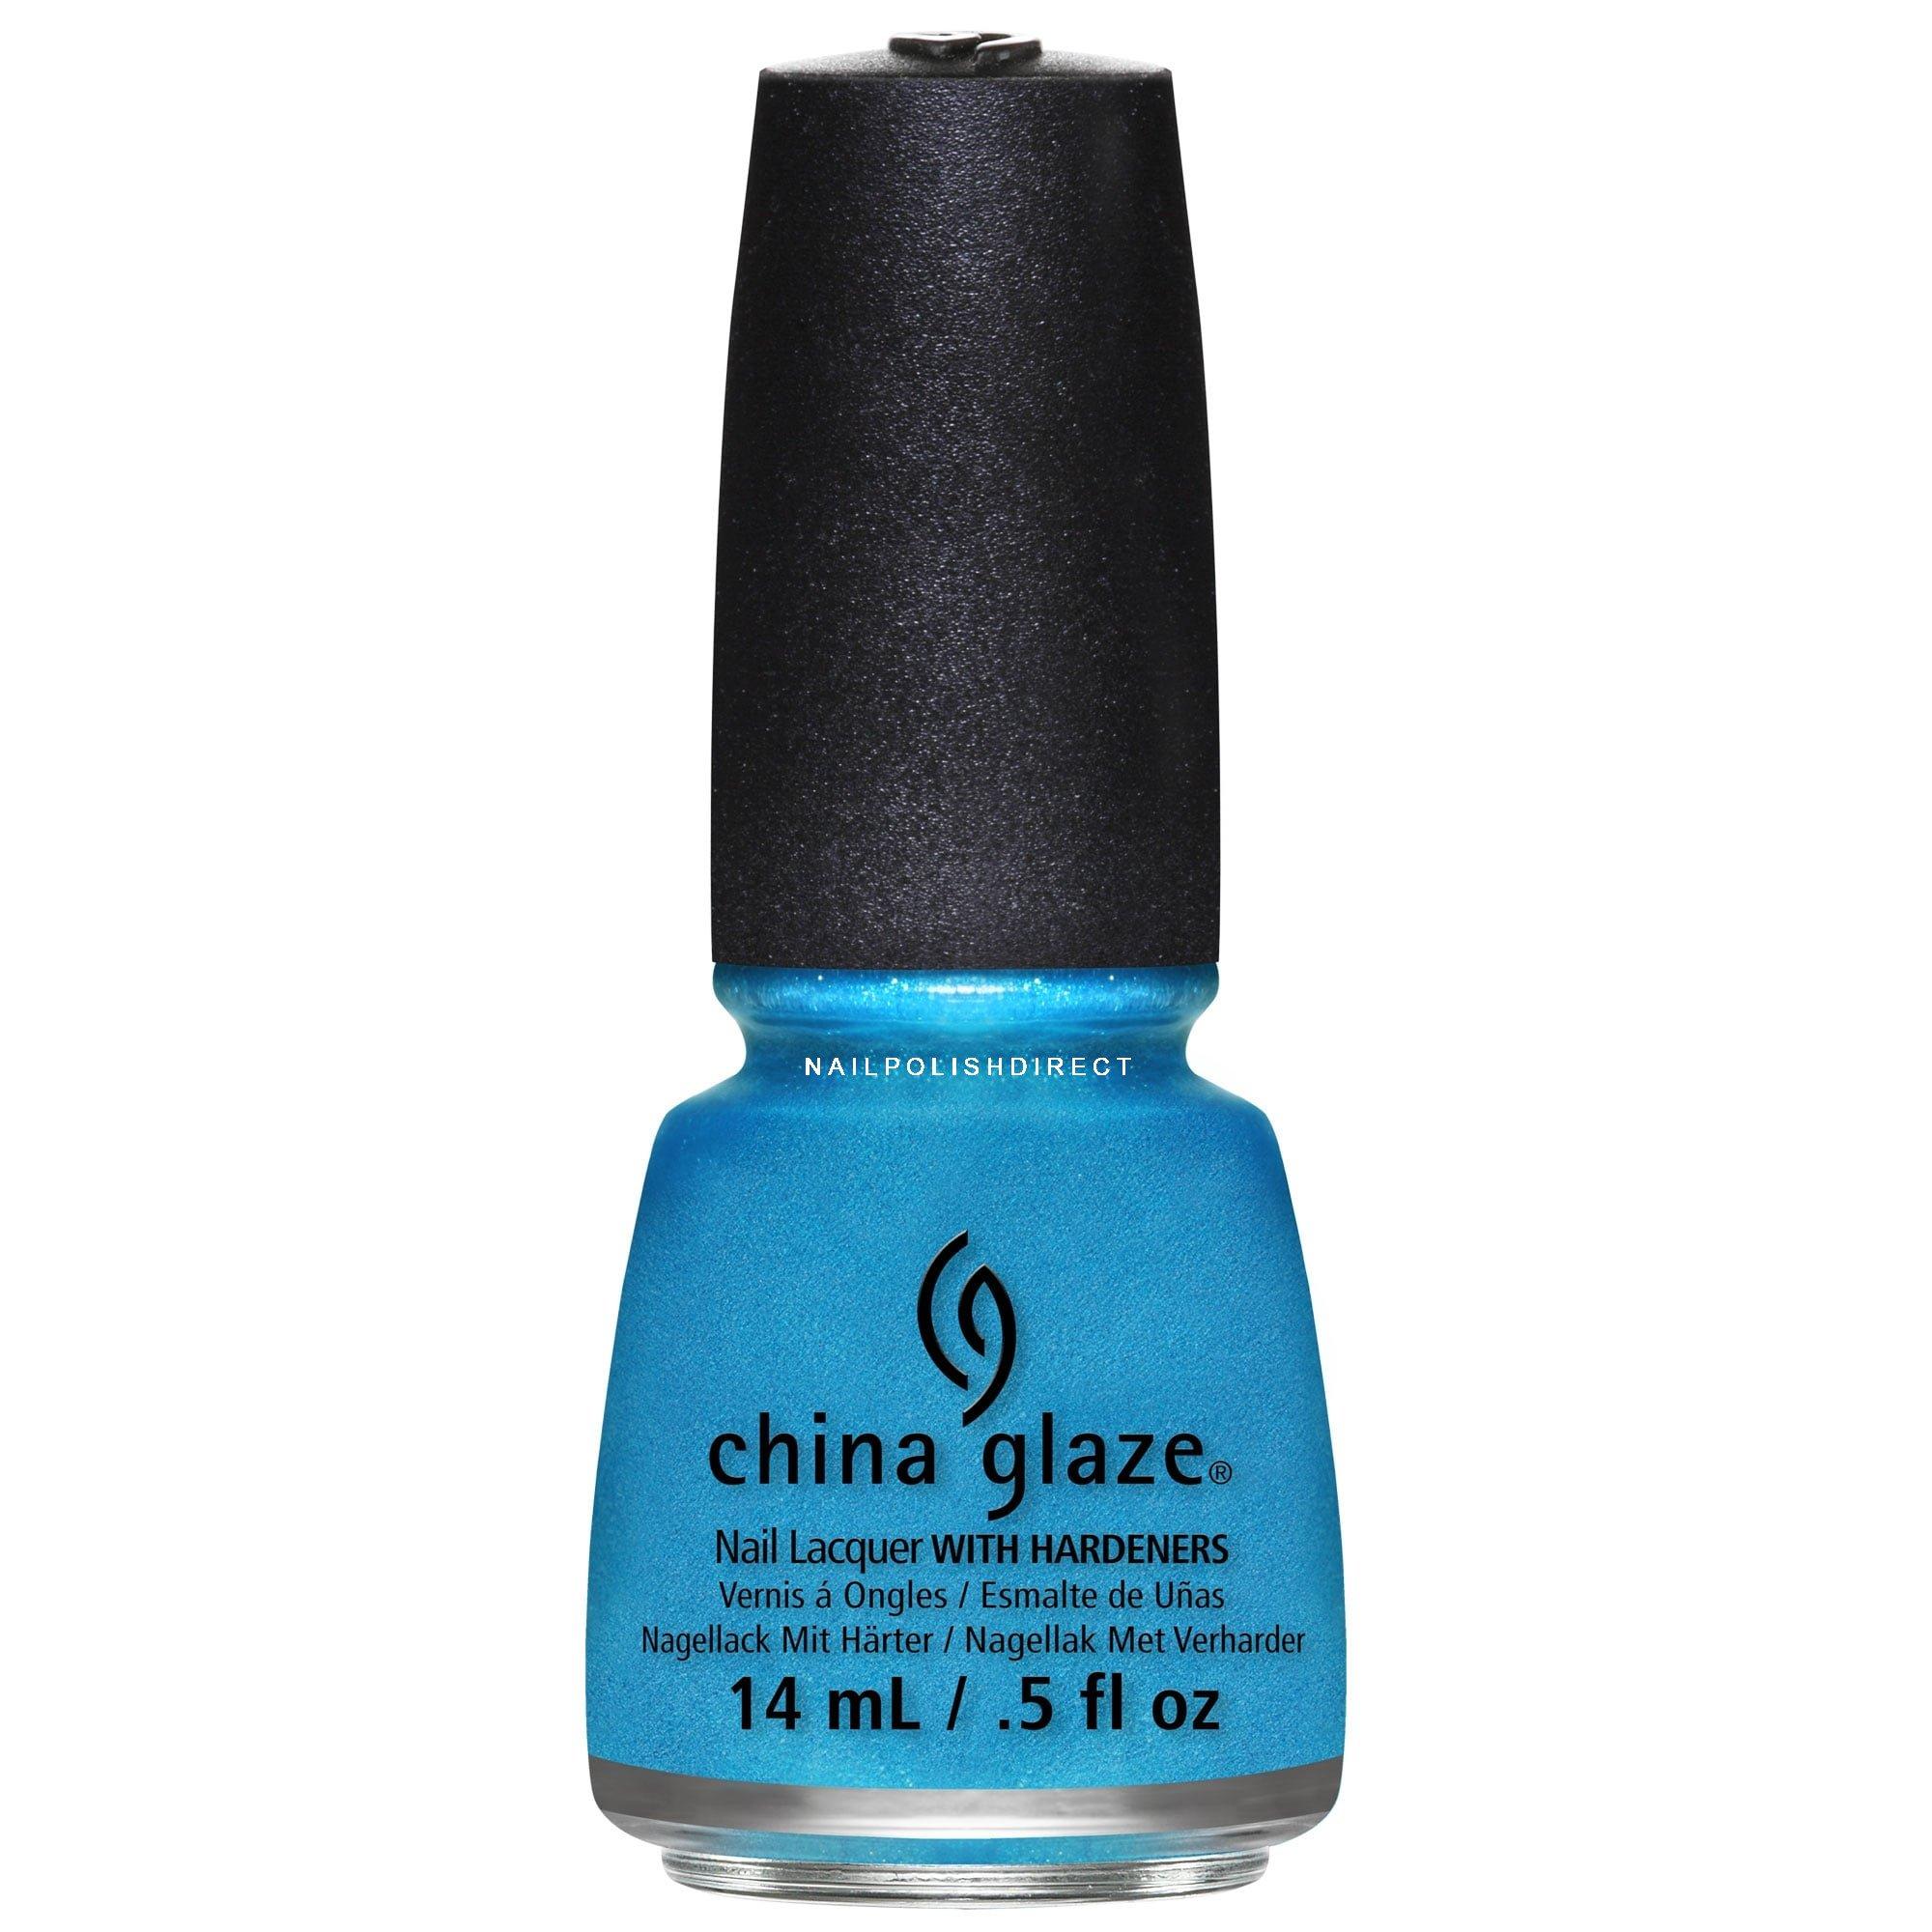 China Glaze Happy Holiglaze Nail Polish Collection So Blue